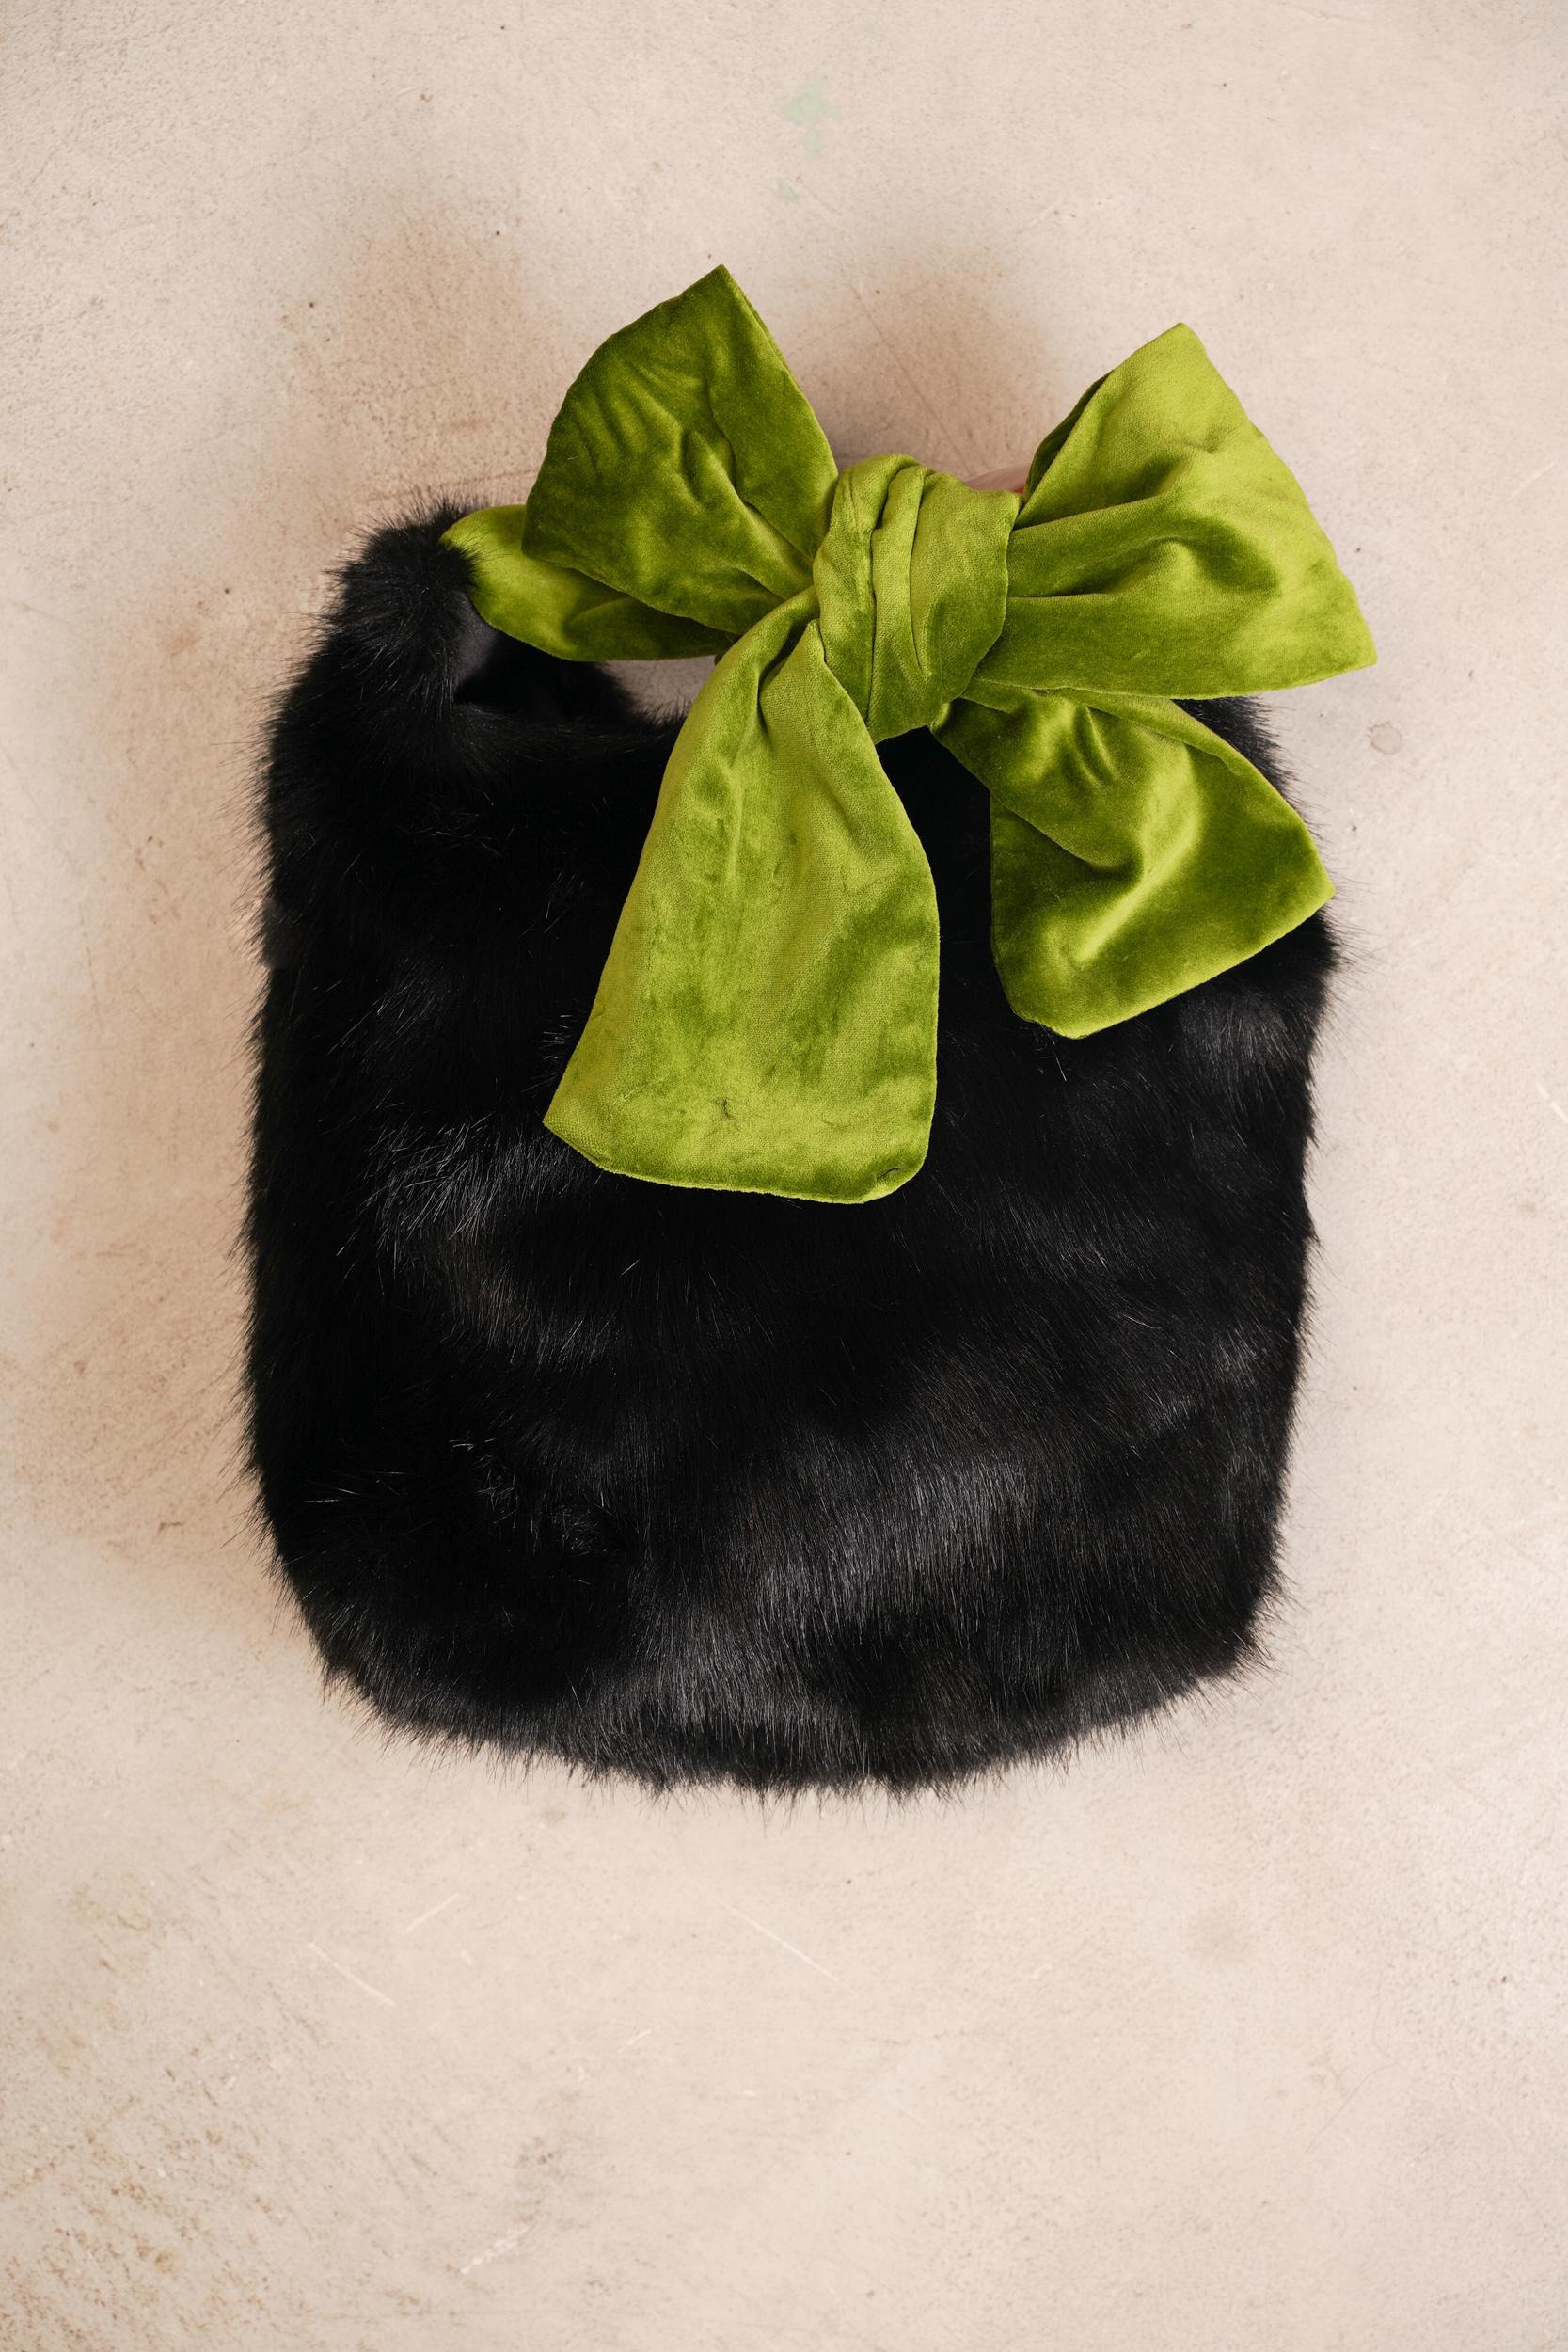 フェイクファーファッションブランドのhelen moore(ヘレンムーア)の商品を輸入